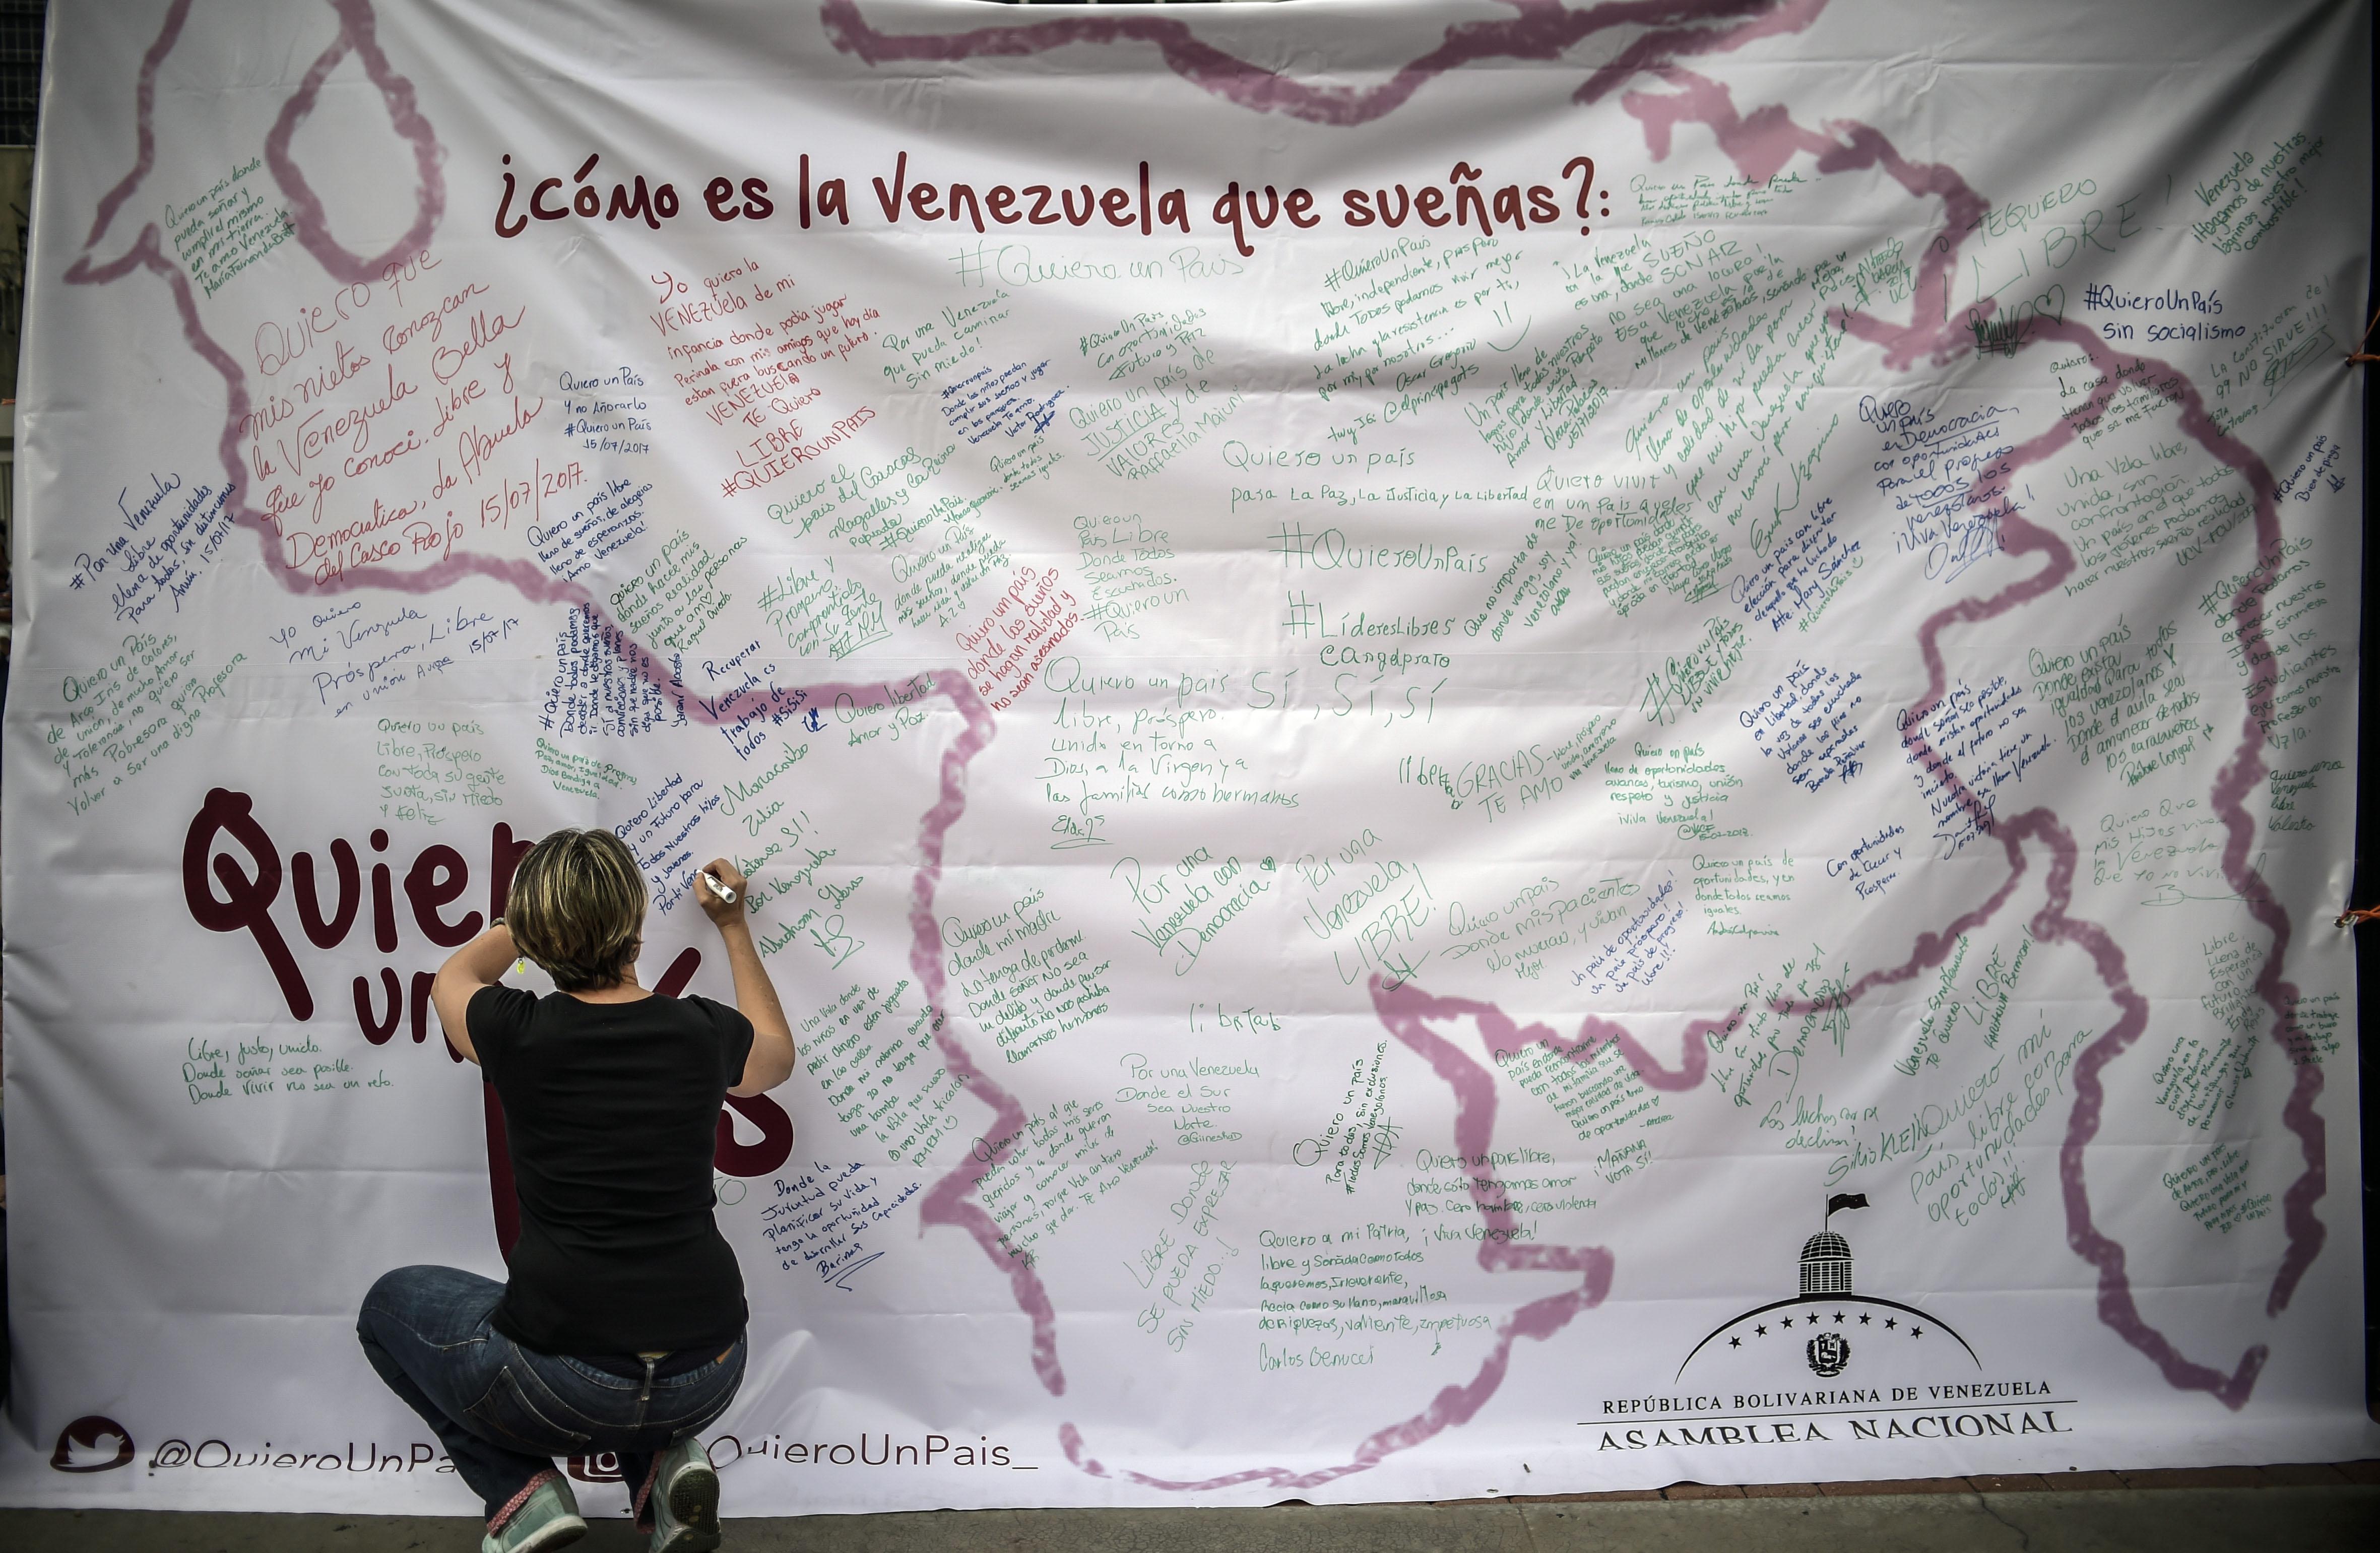 Una mujer escribe sobre un mapa de Venezuela en una manifestación a favor del plebiscito de este domingo. (AFP PHOTO / JUAN BARRETO)